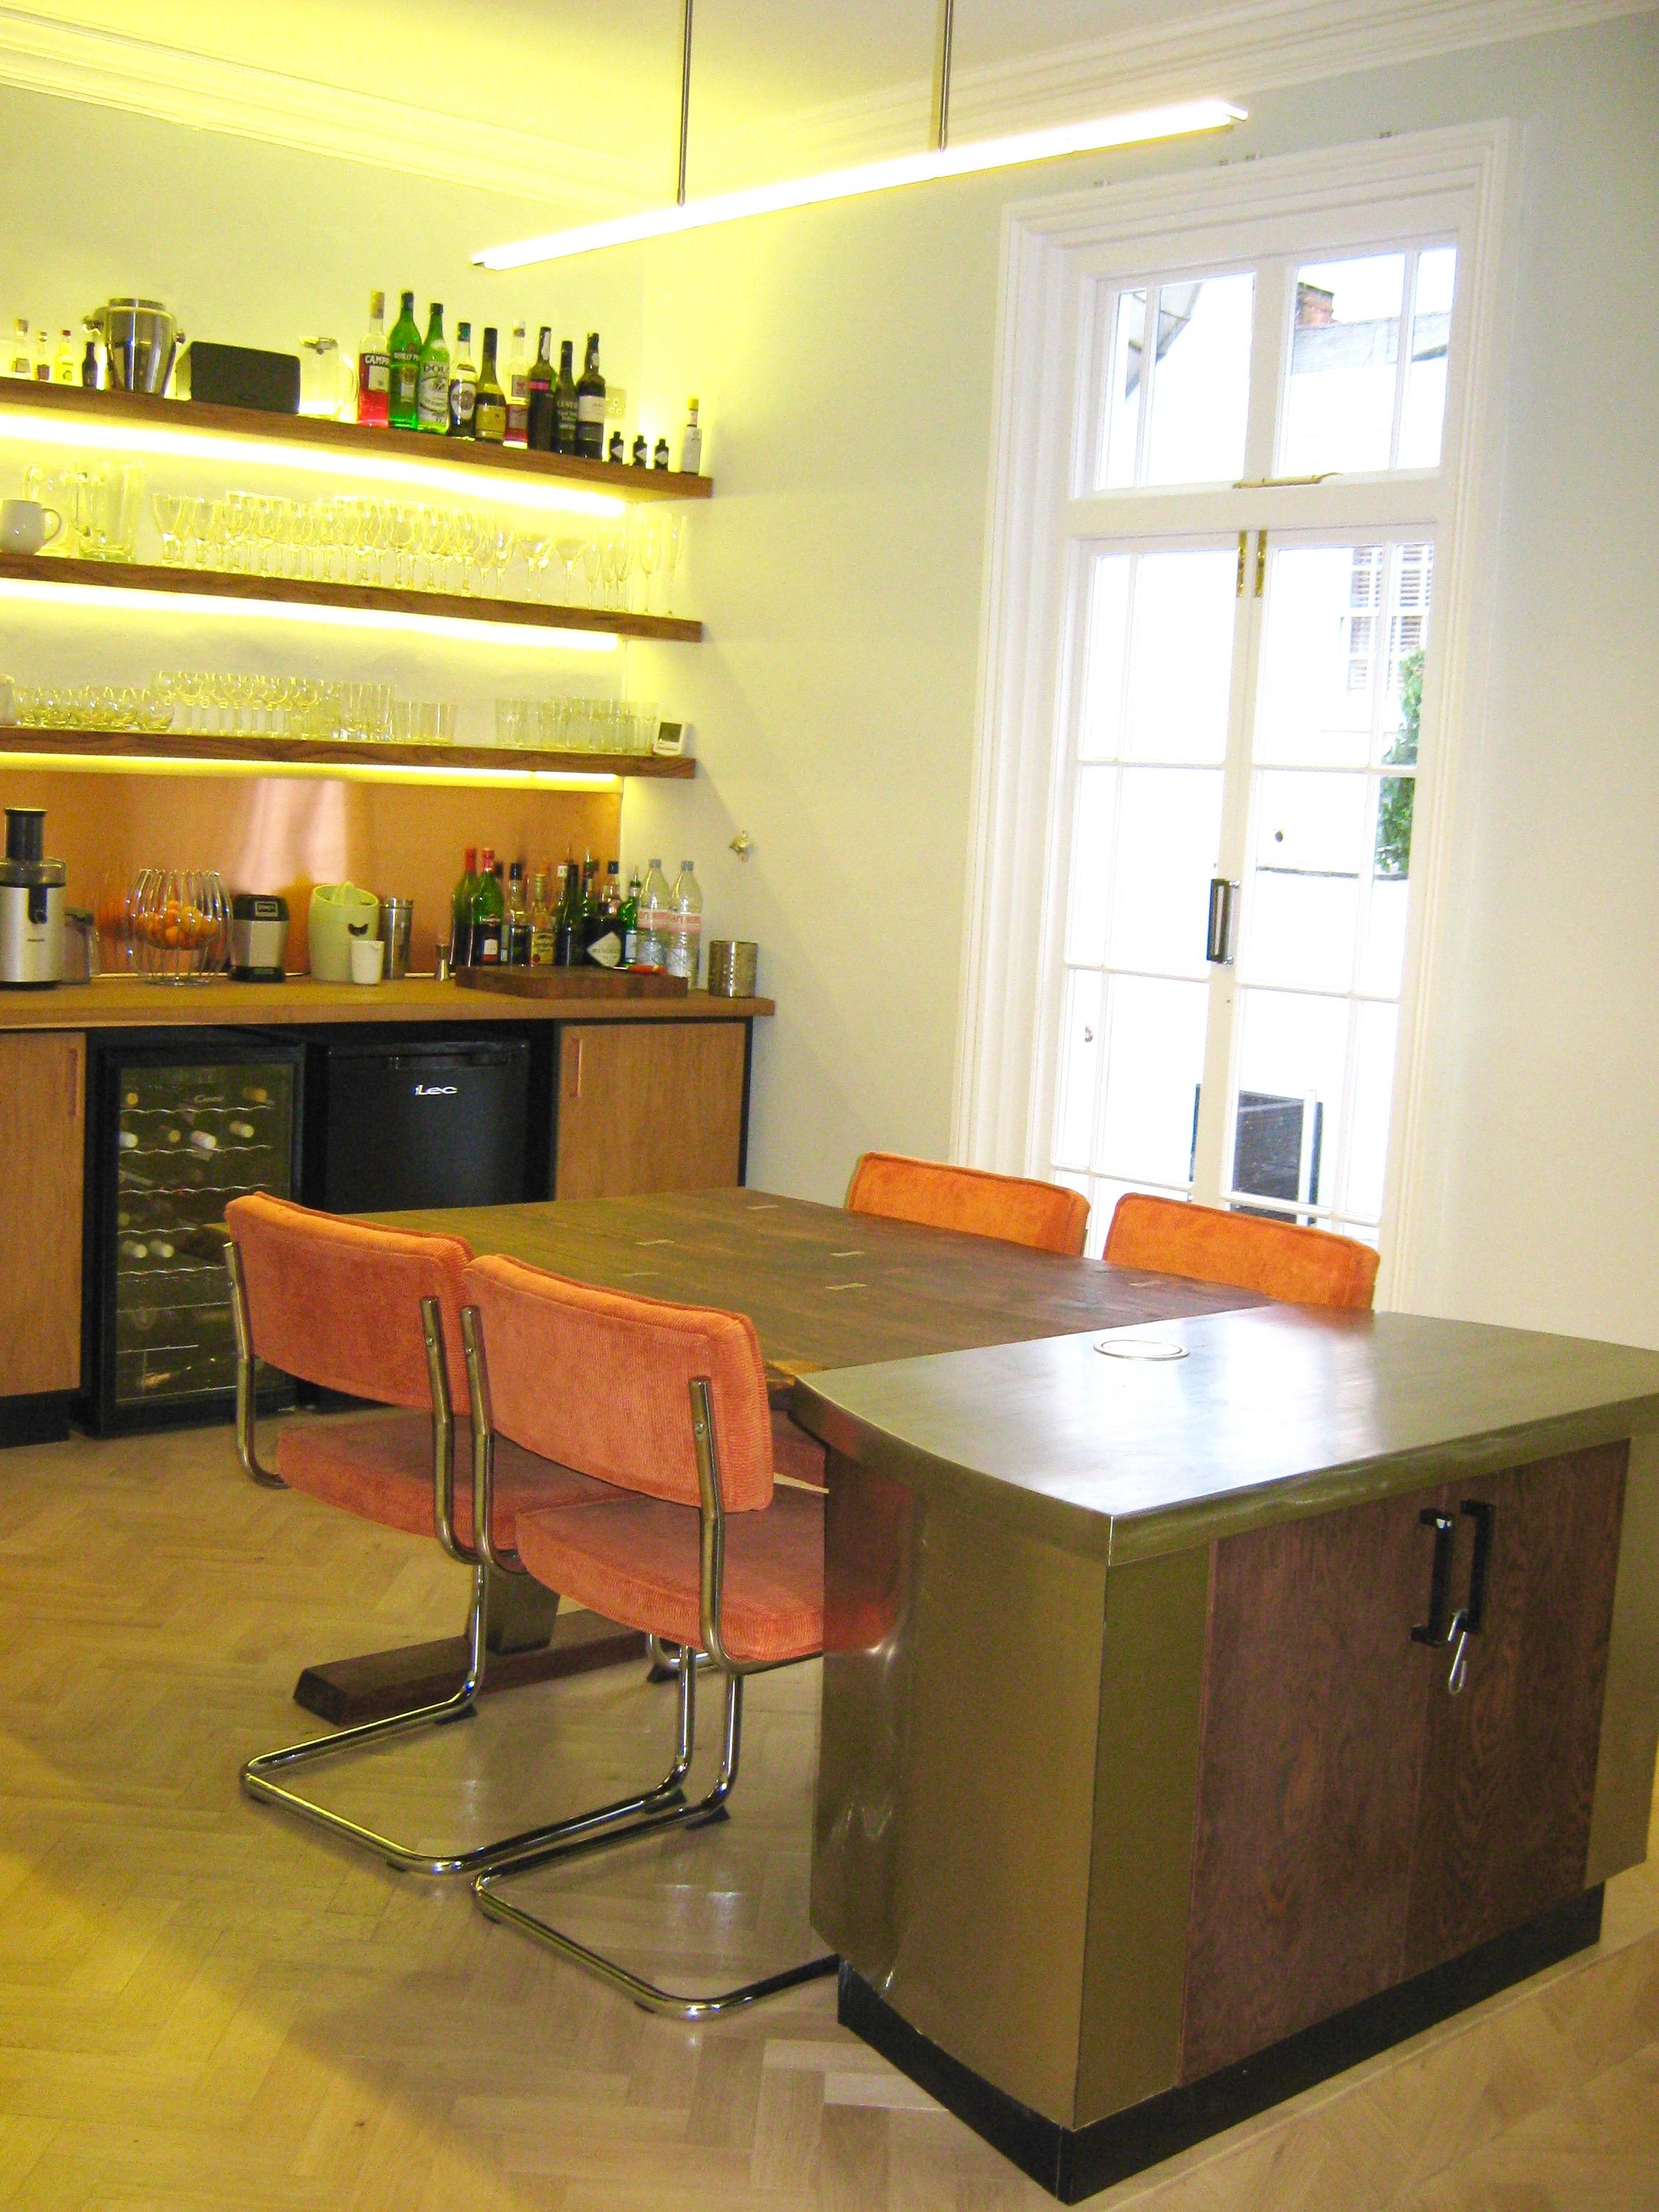 Table diner design server Steel Plank kitchen Elm Oak Natural ...